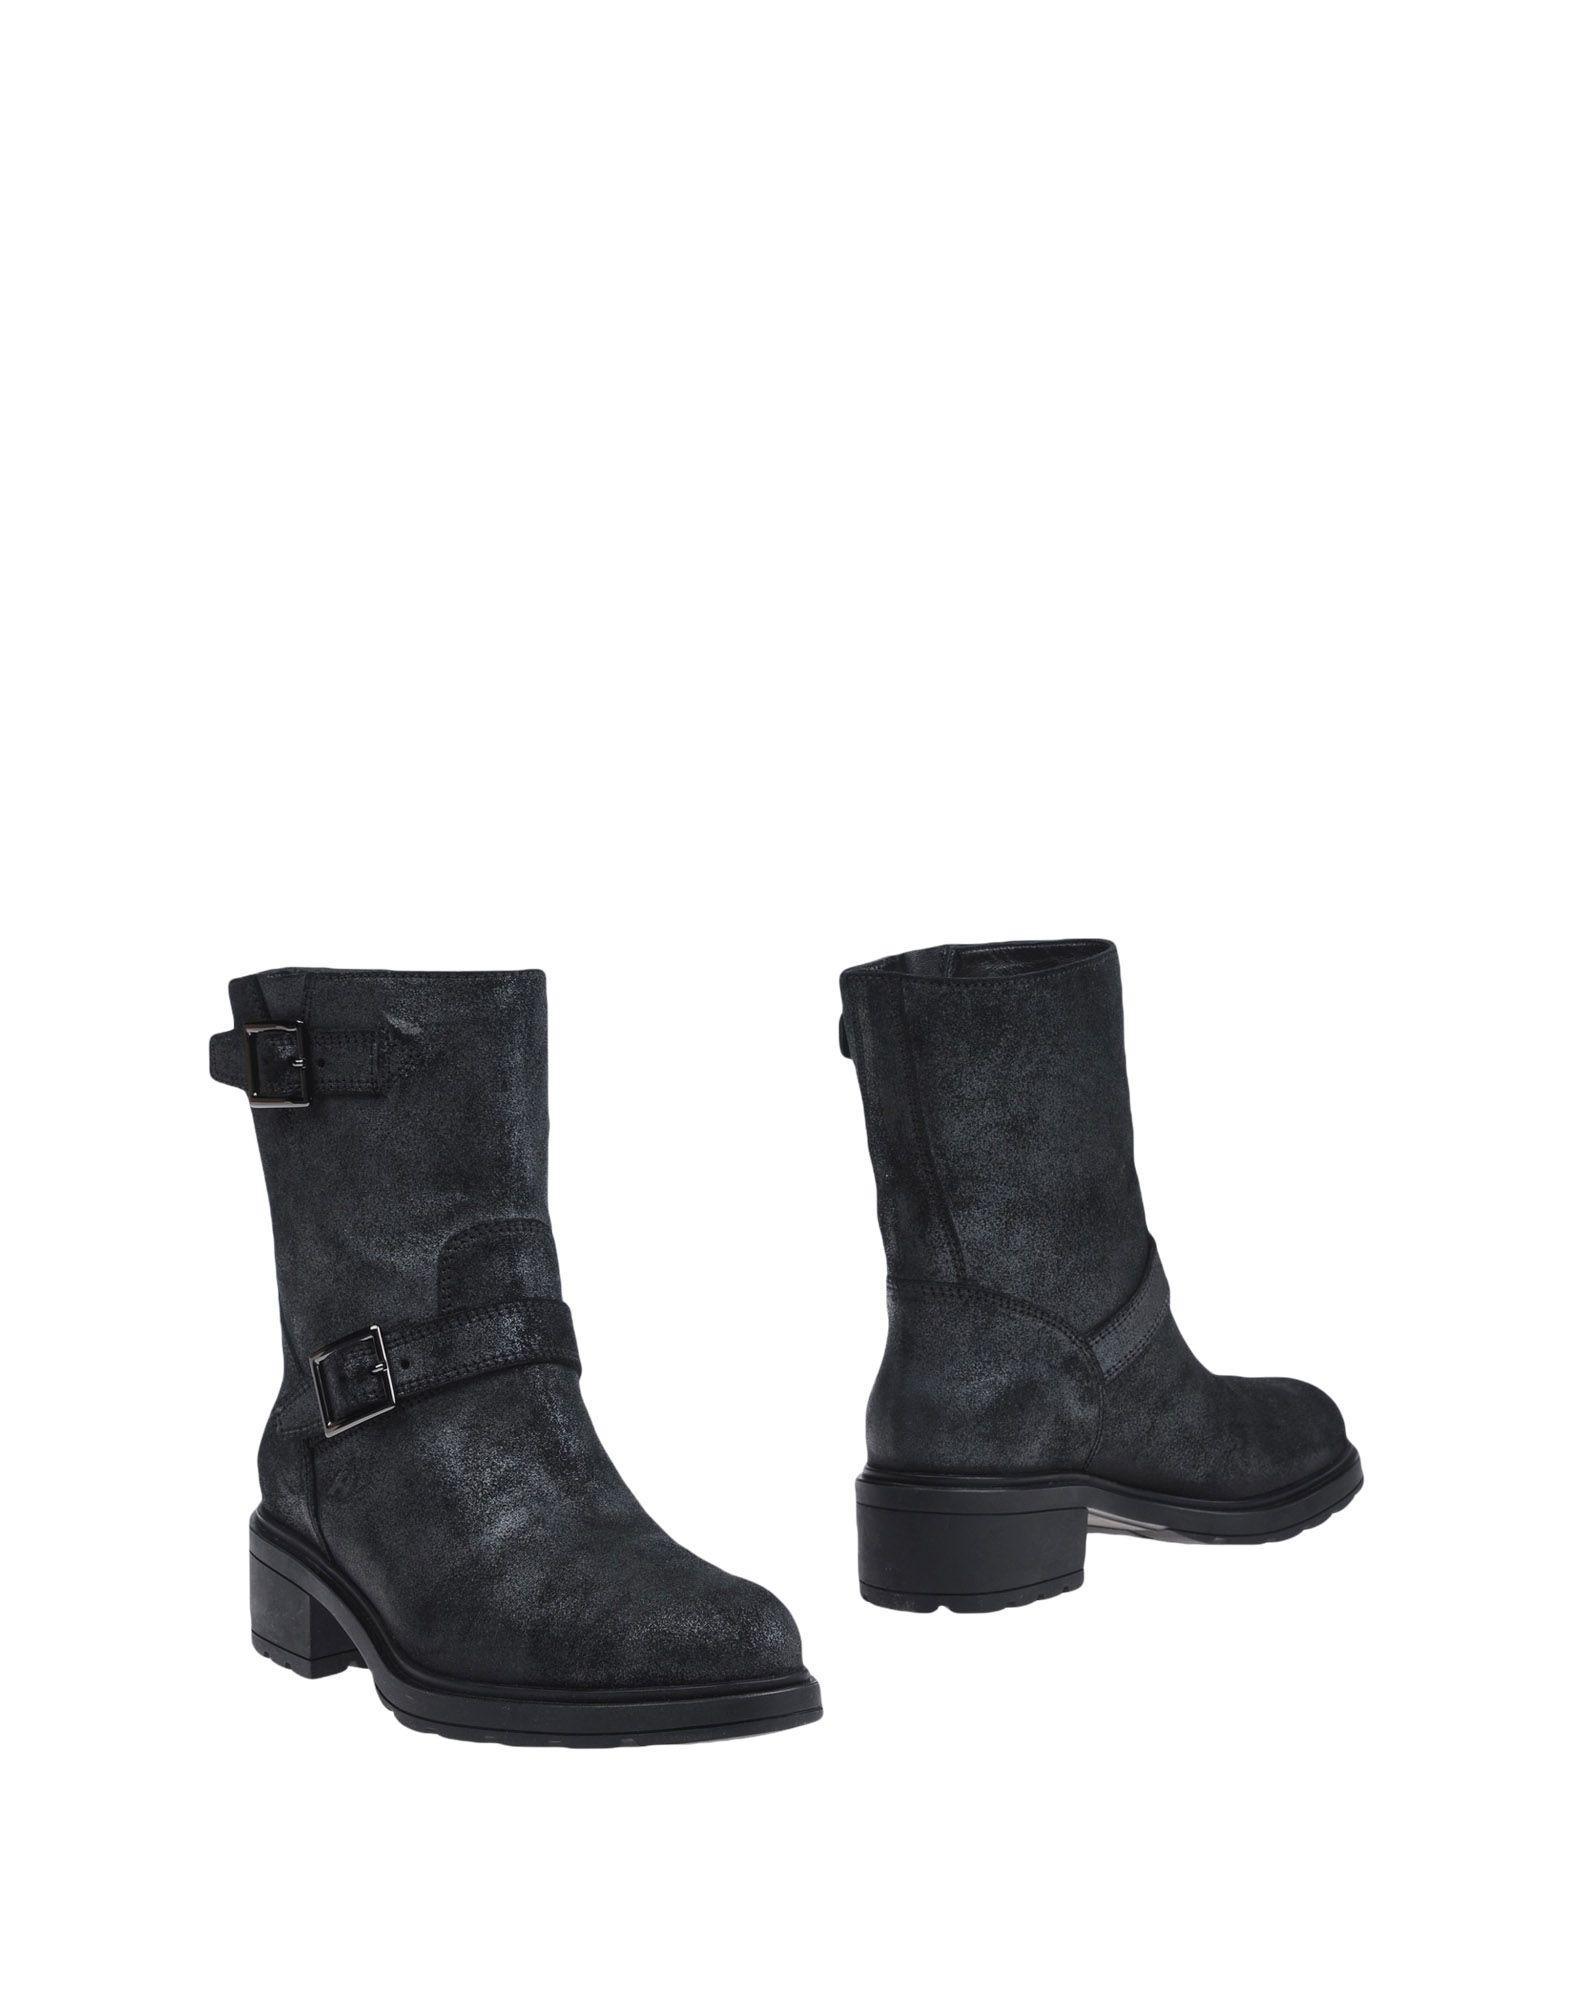 Rabatt Schuhe Hogan Stiefelette Damen  11230286XH